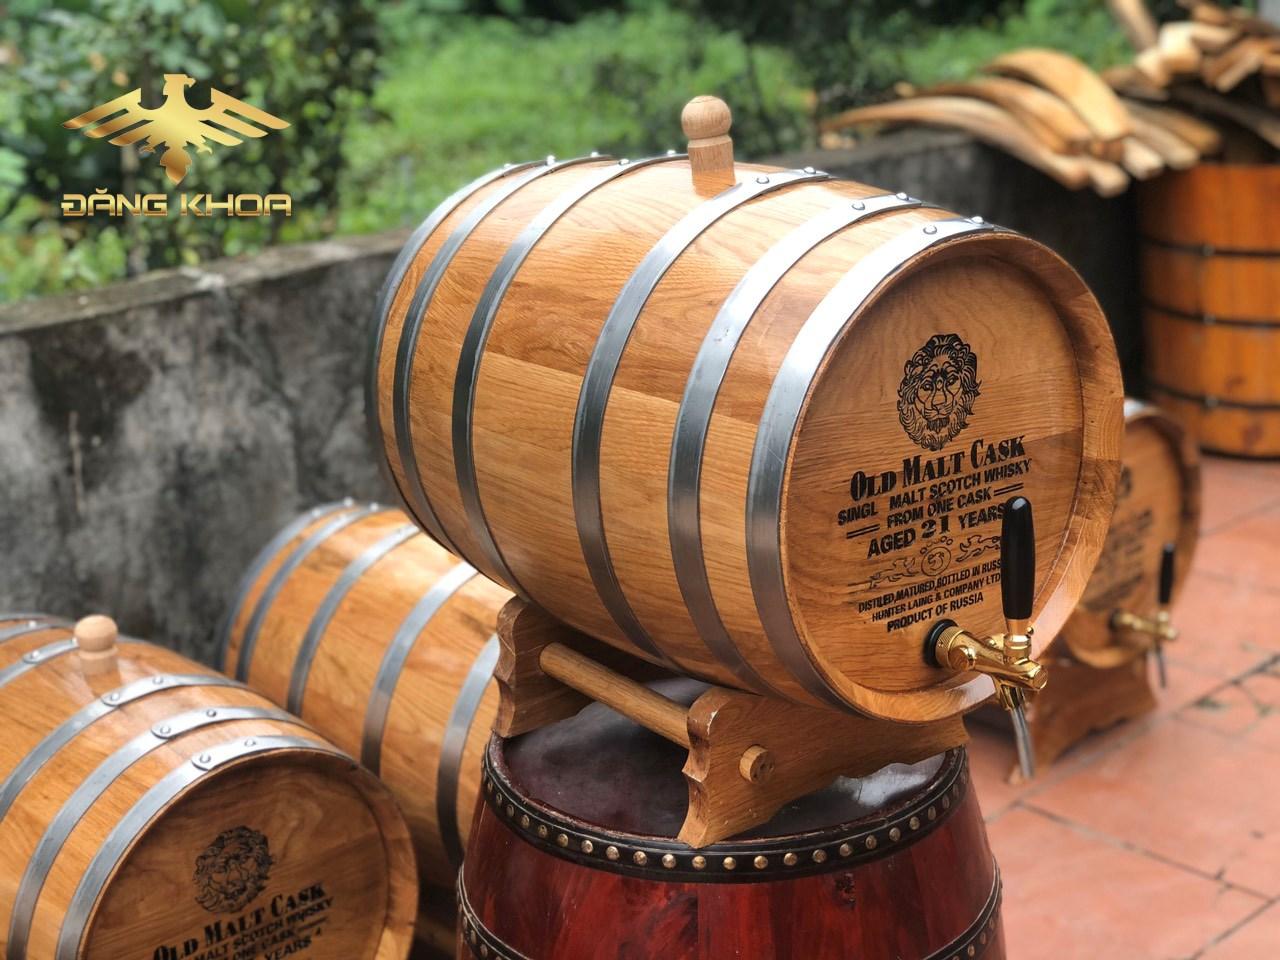 Bình gỗ sồi tại Trống Đăng Khoa